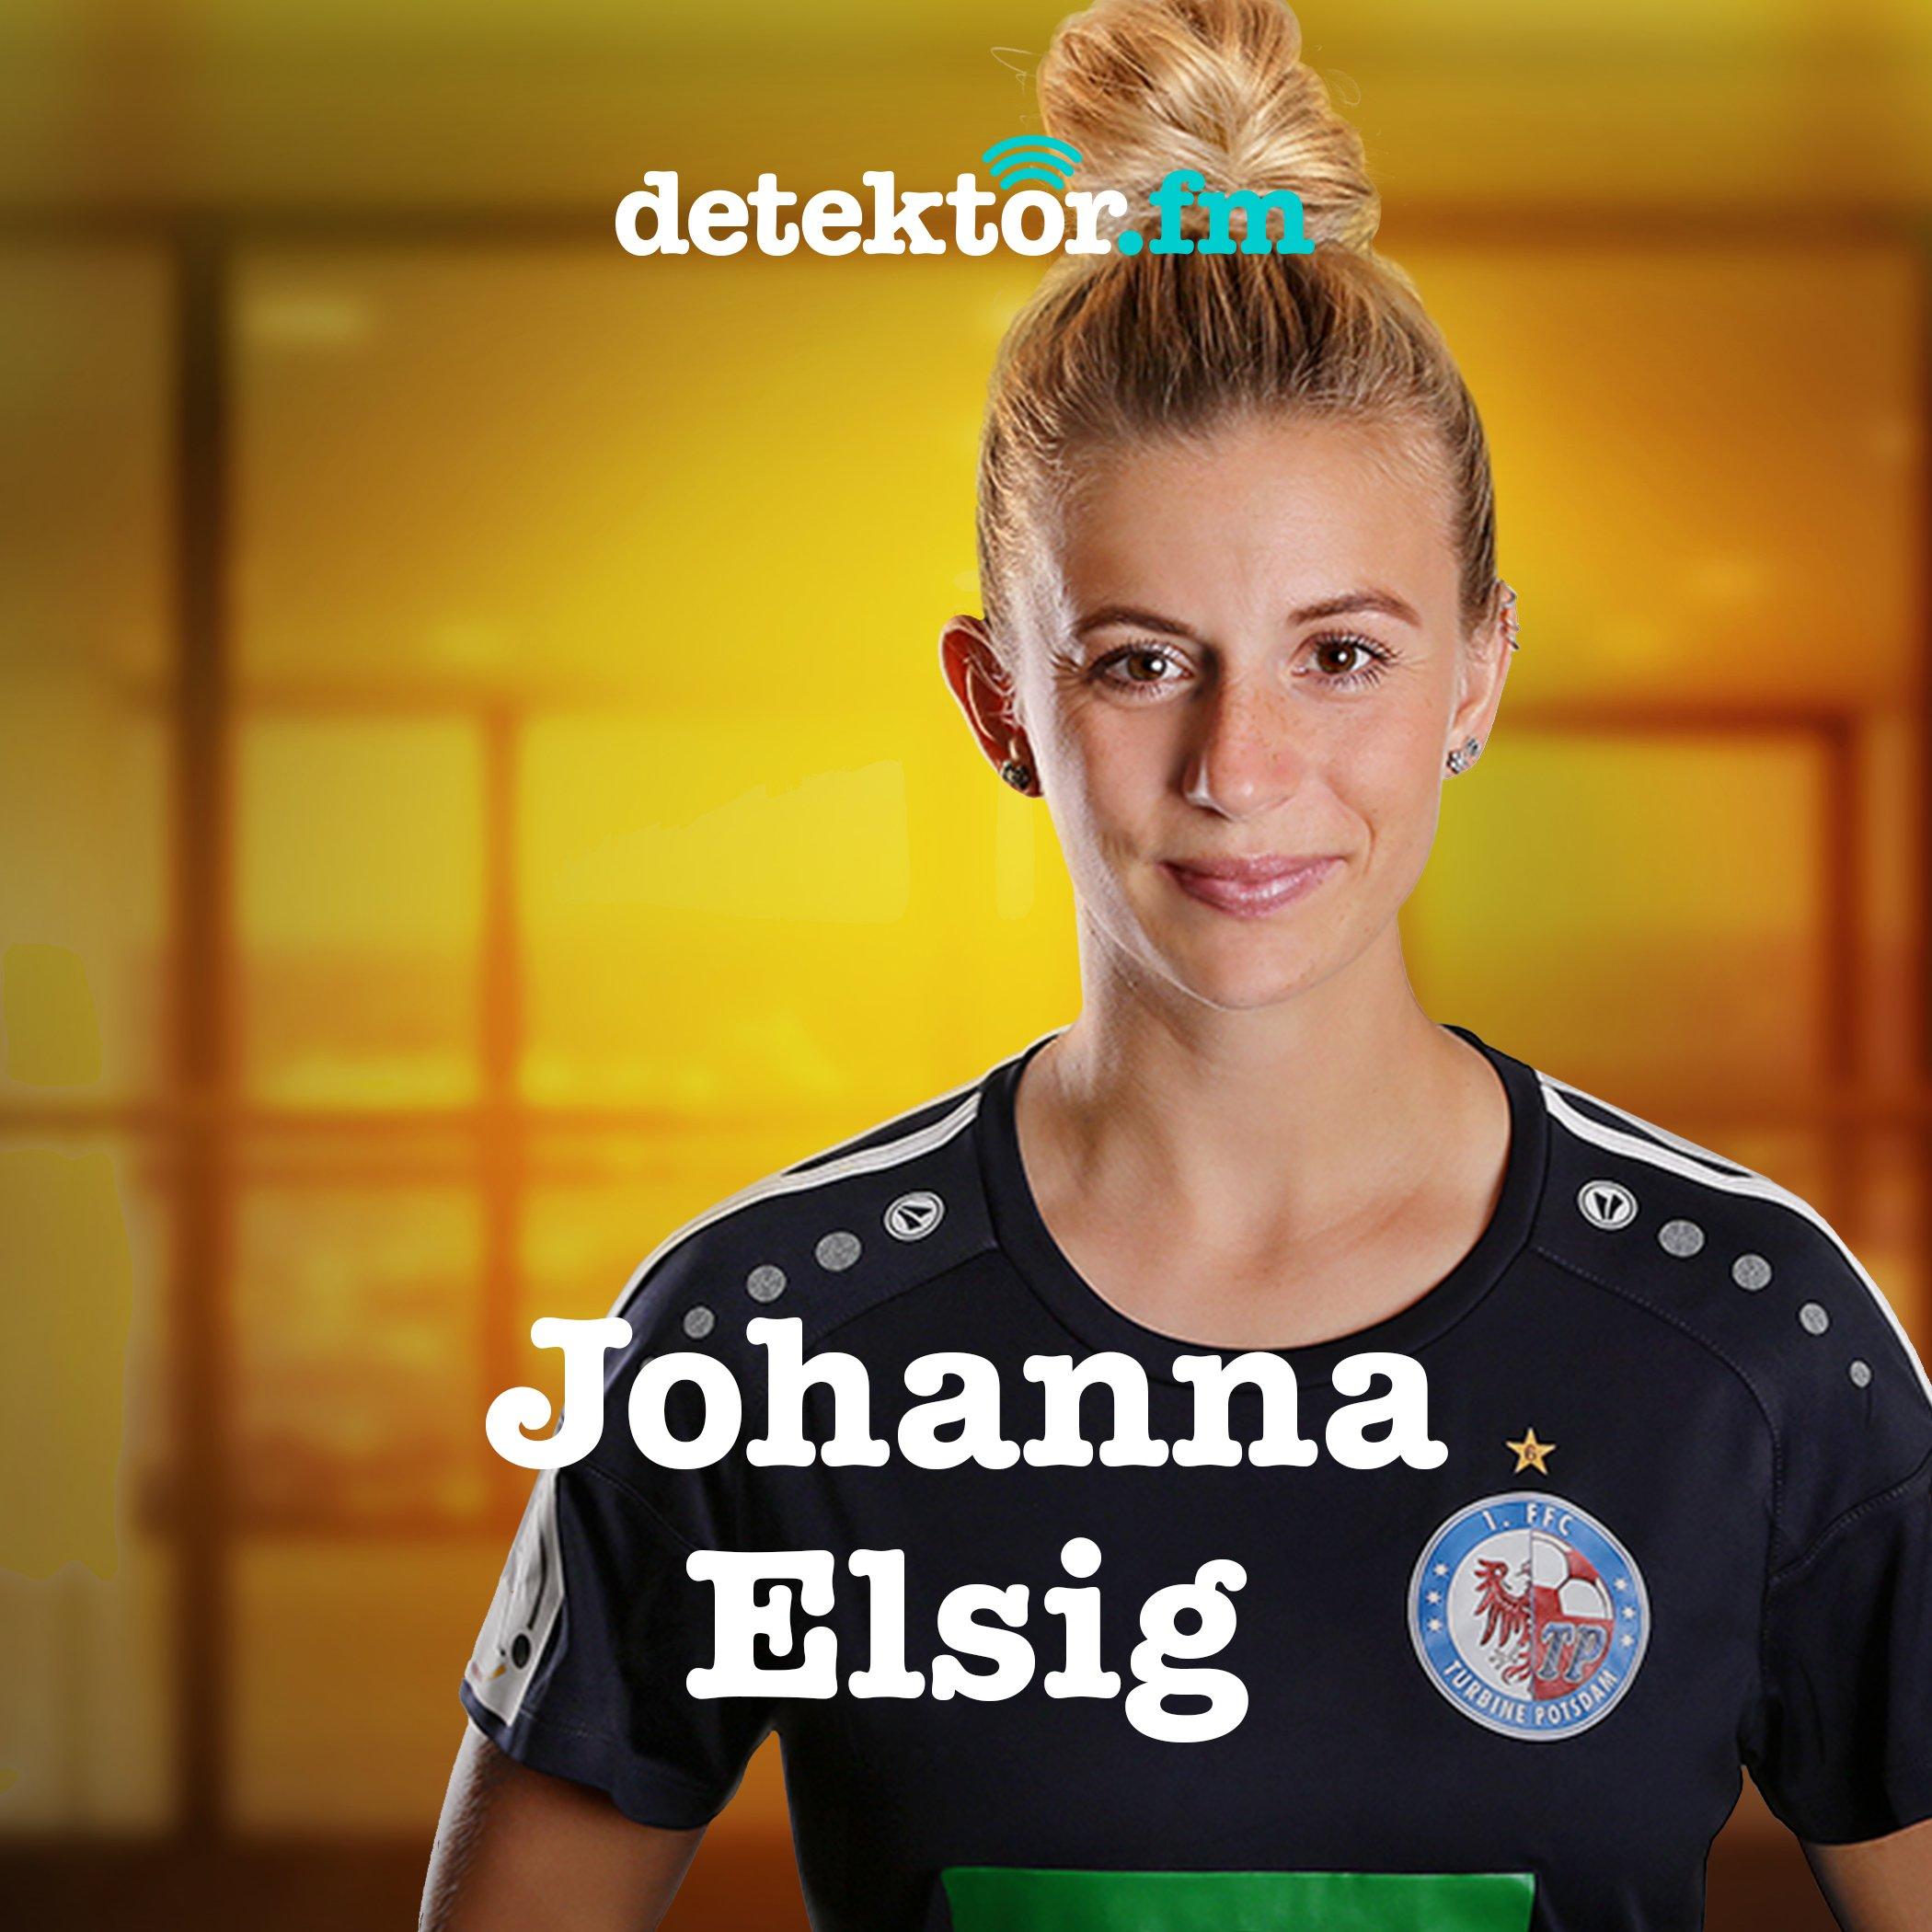 """Johanna Elsig – """"Mit 32 kann ich von meinem Beruf nicht mehr leben"""""""